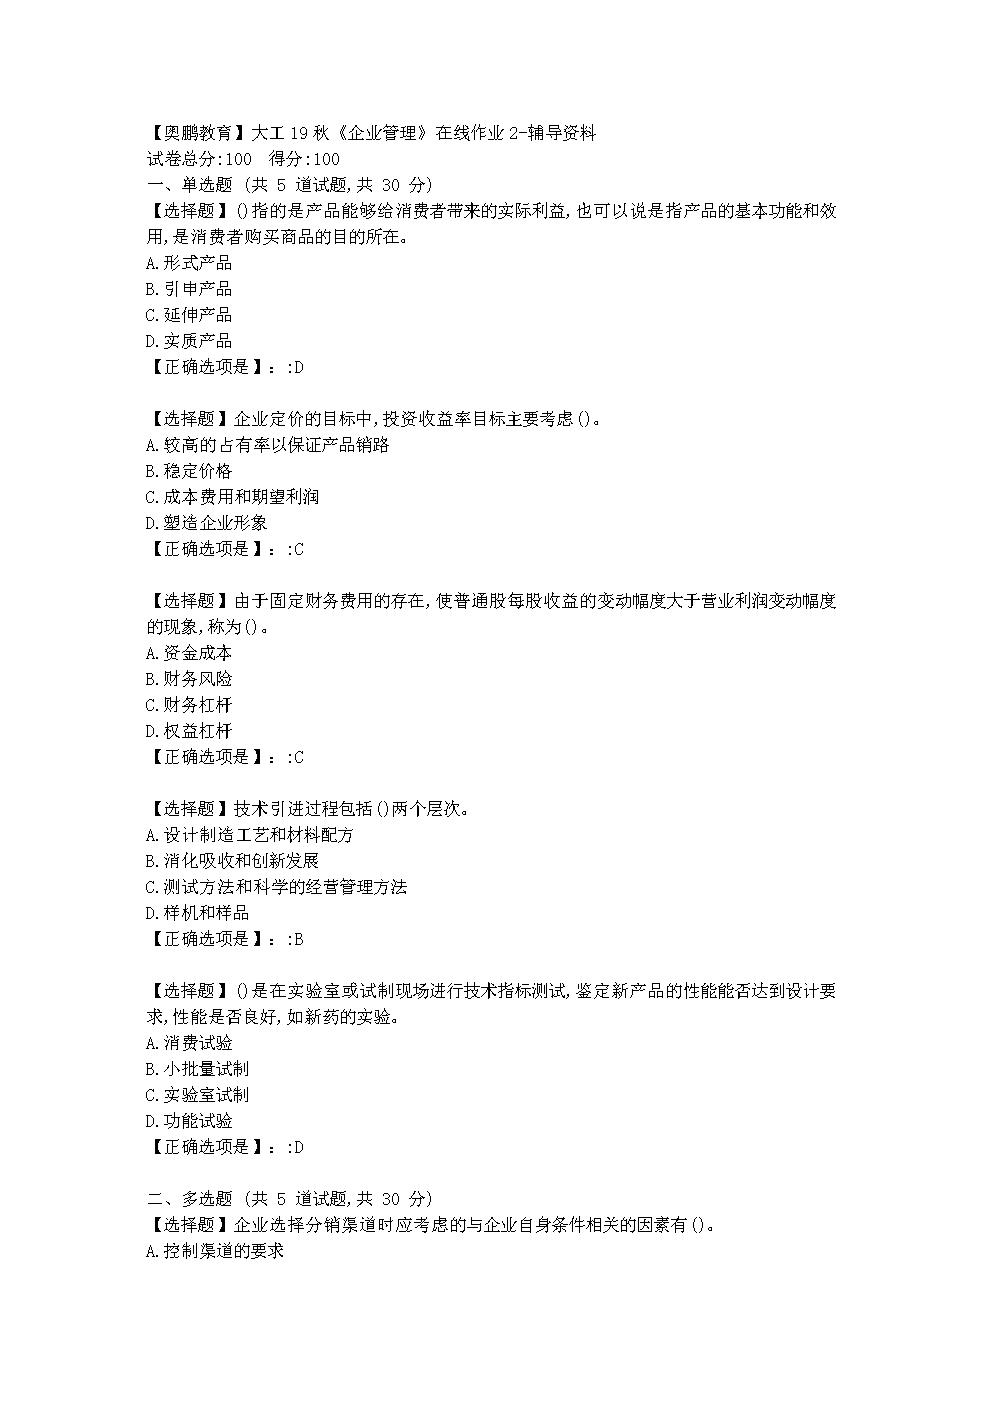 大连理工大学19秋《企业管理》在线作业2学习资料.doc